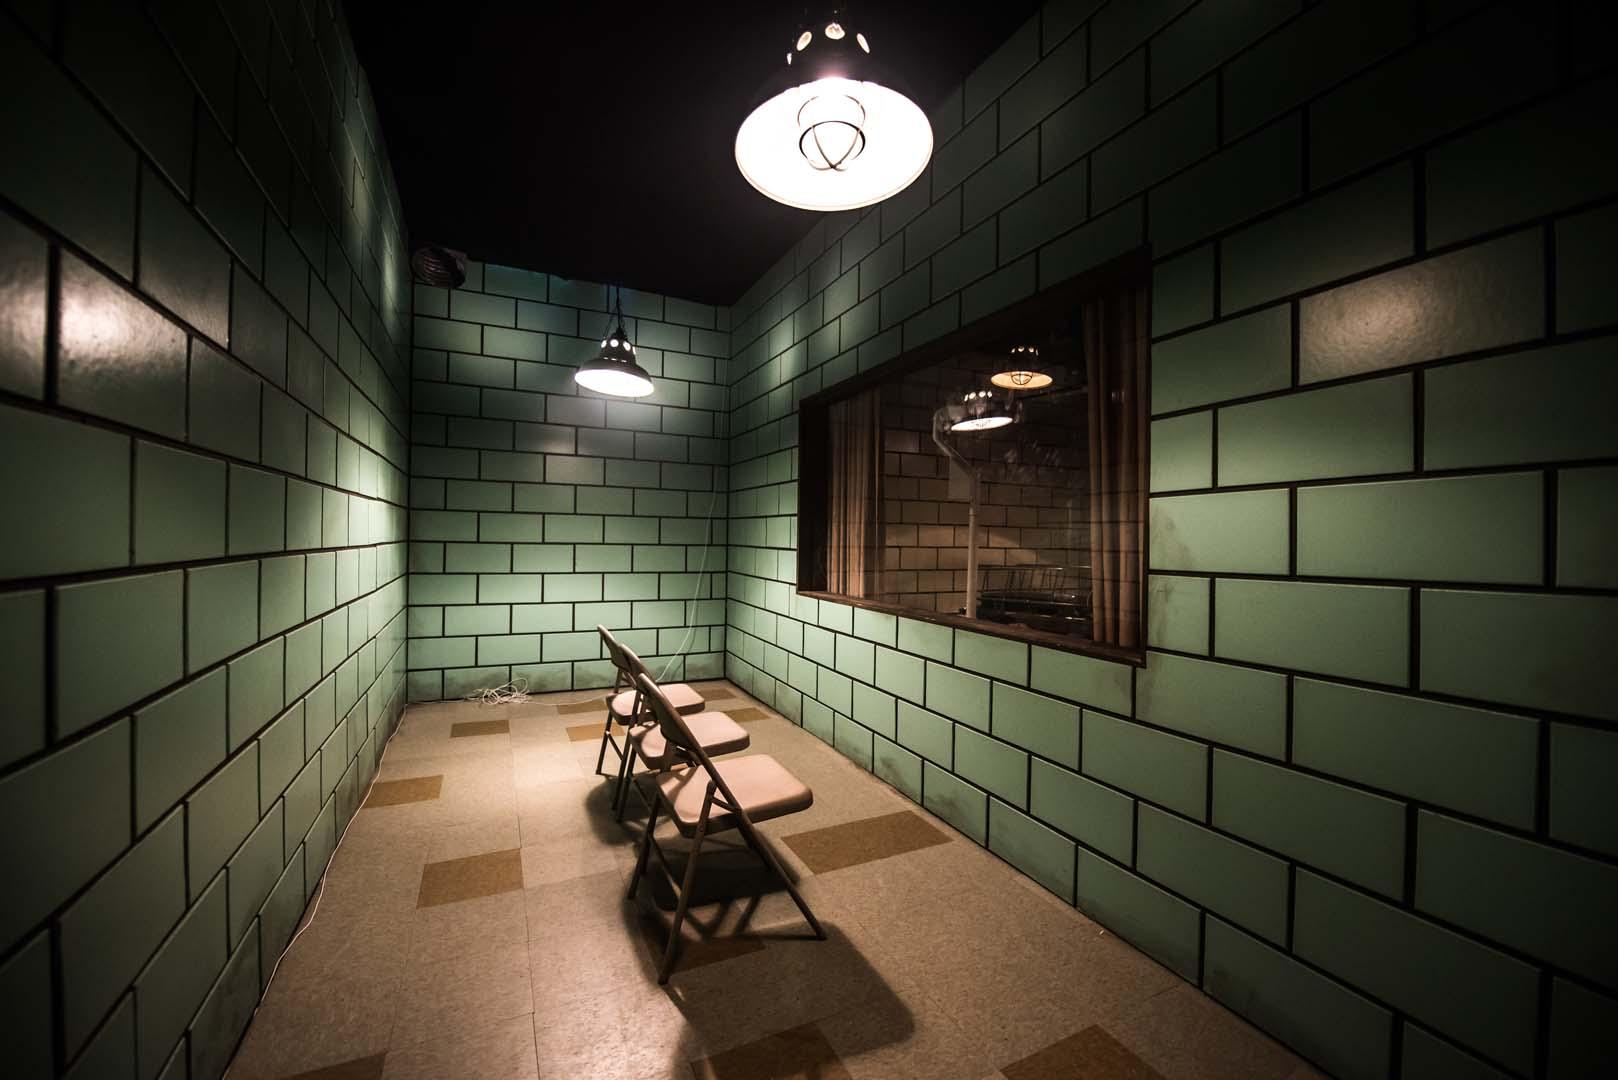 Castle Rock examination room